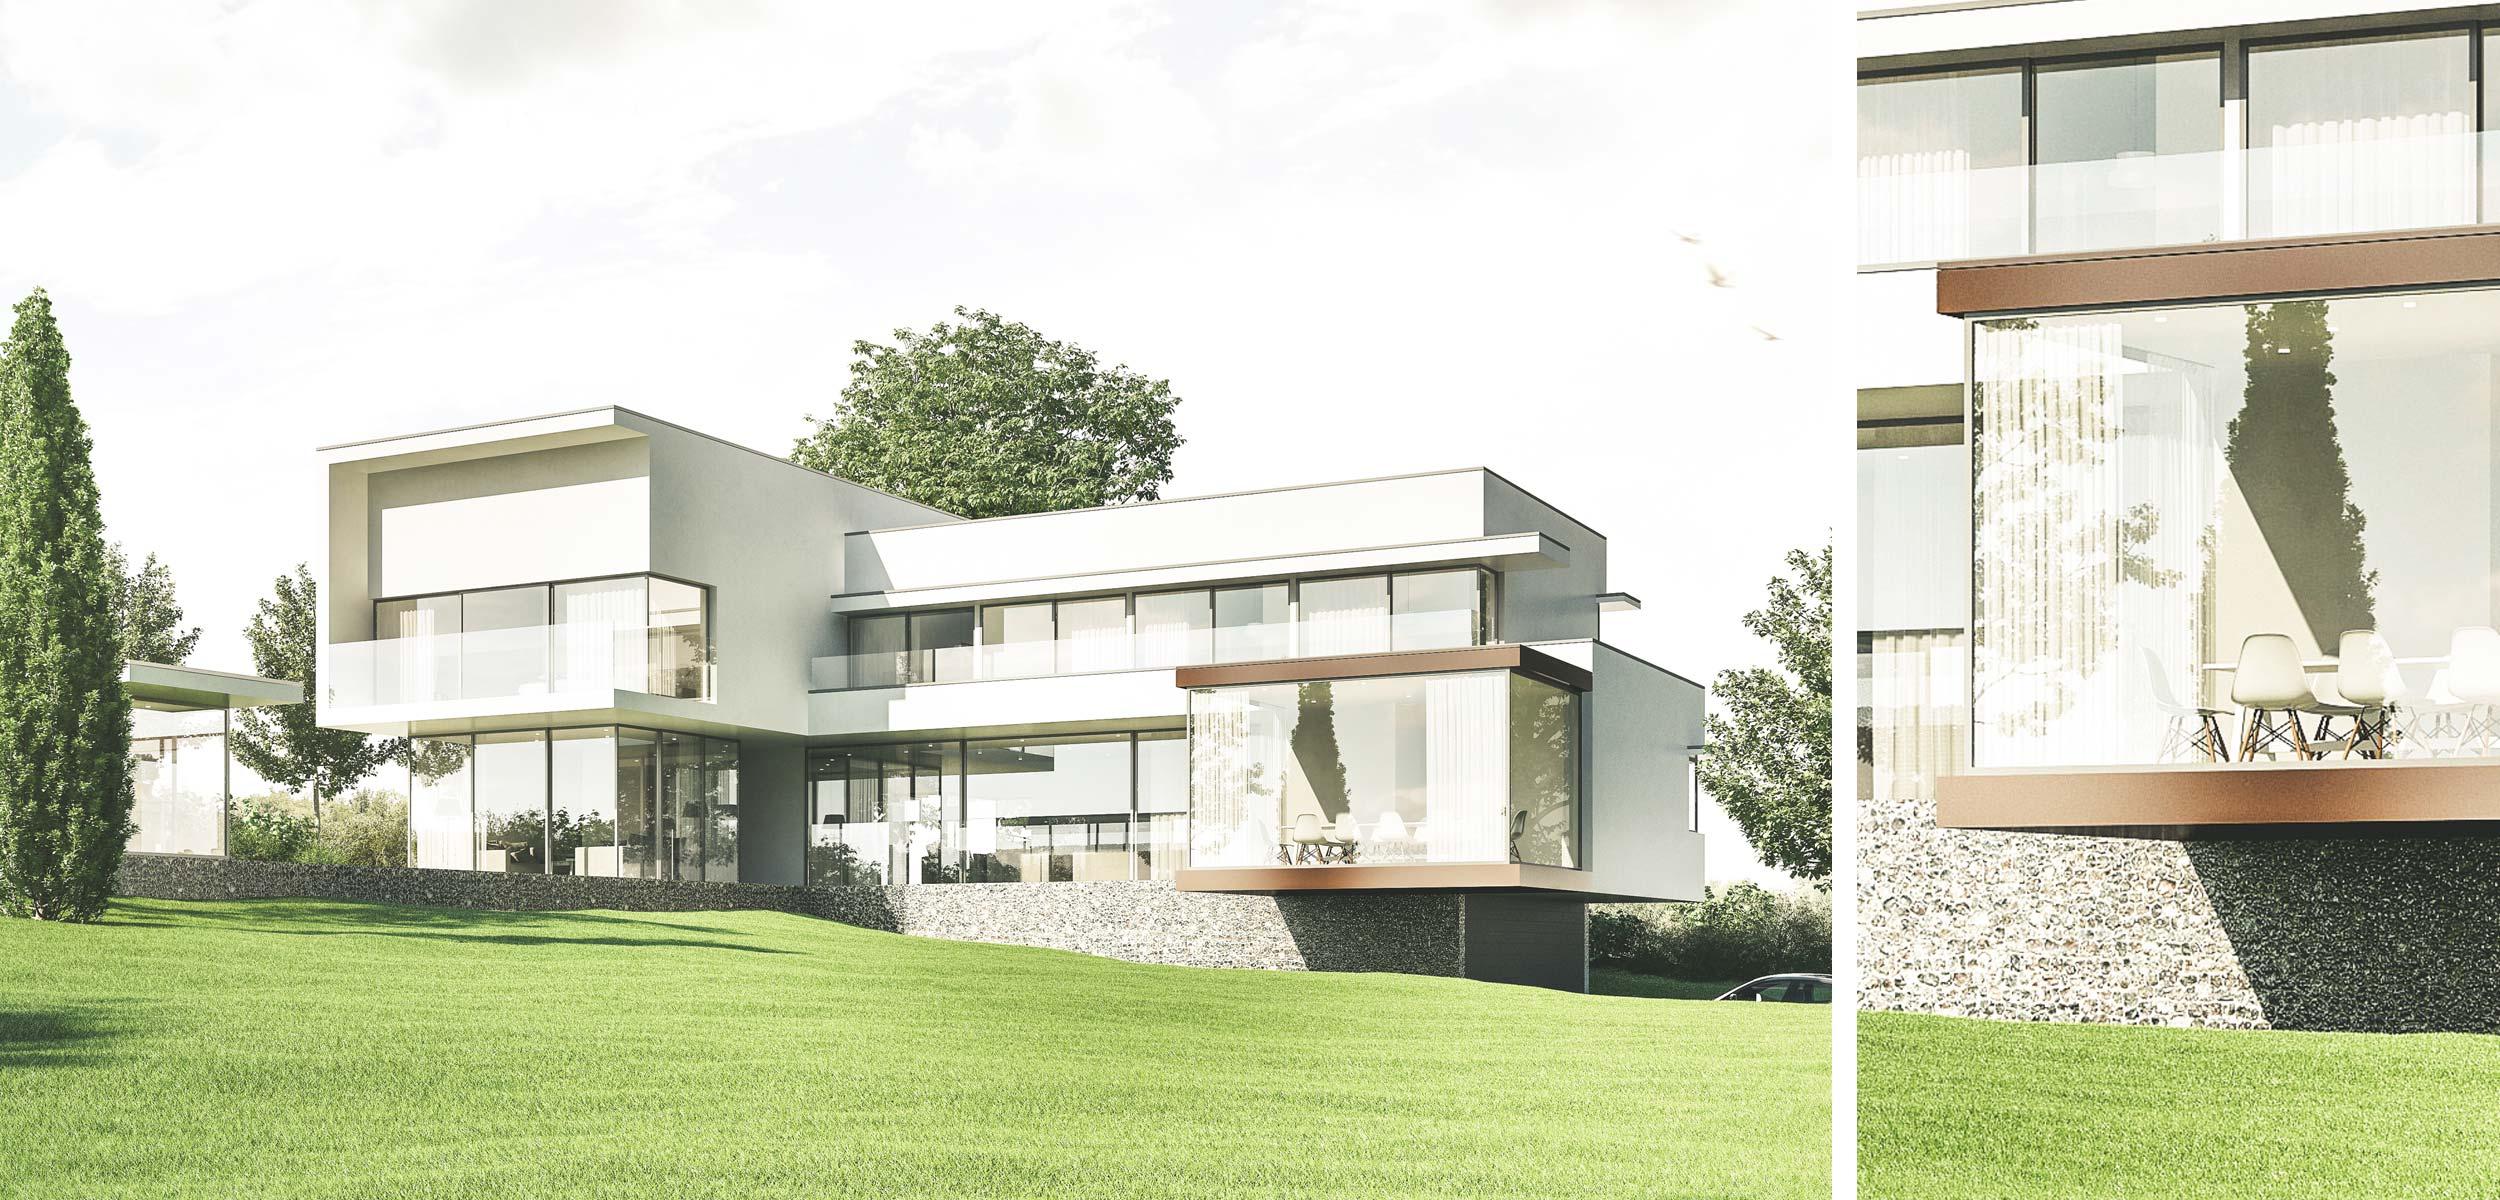 architects_in_warwickshire_02.jpg